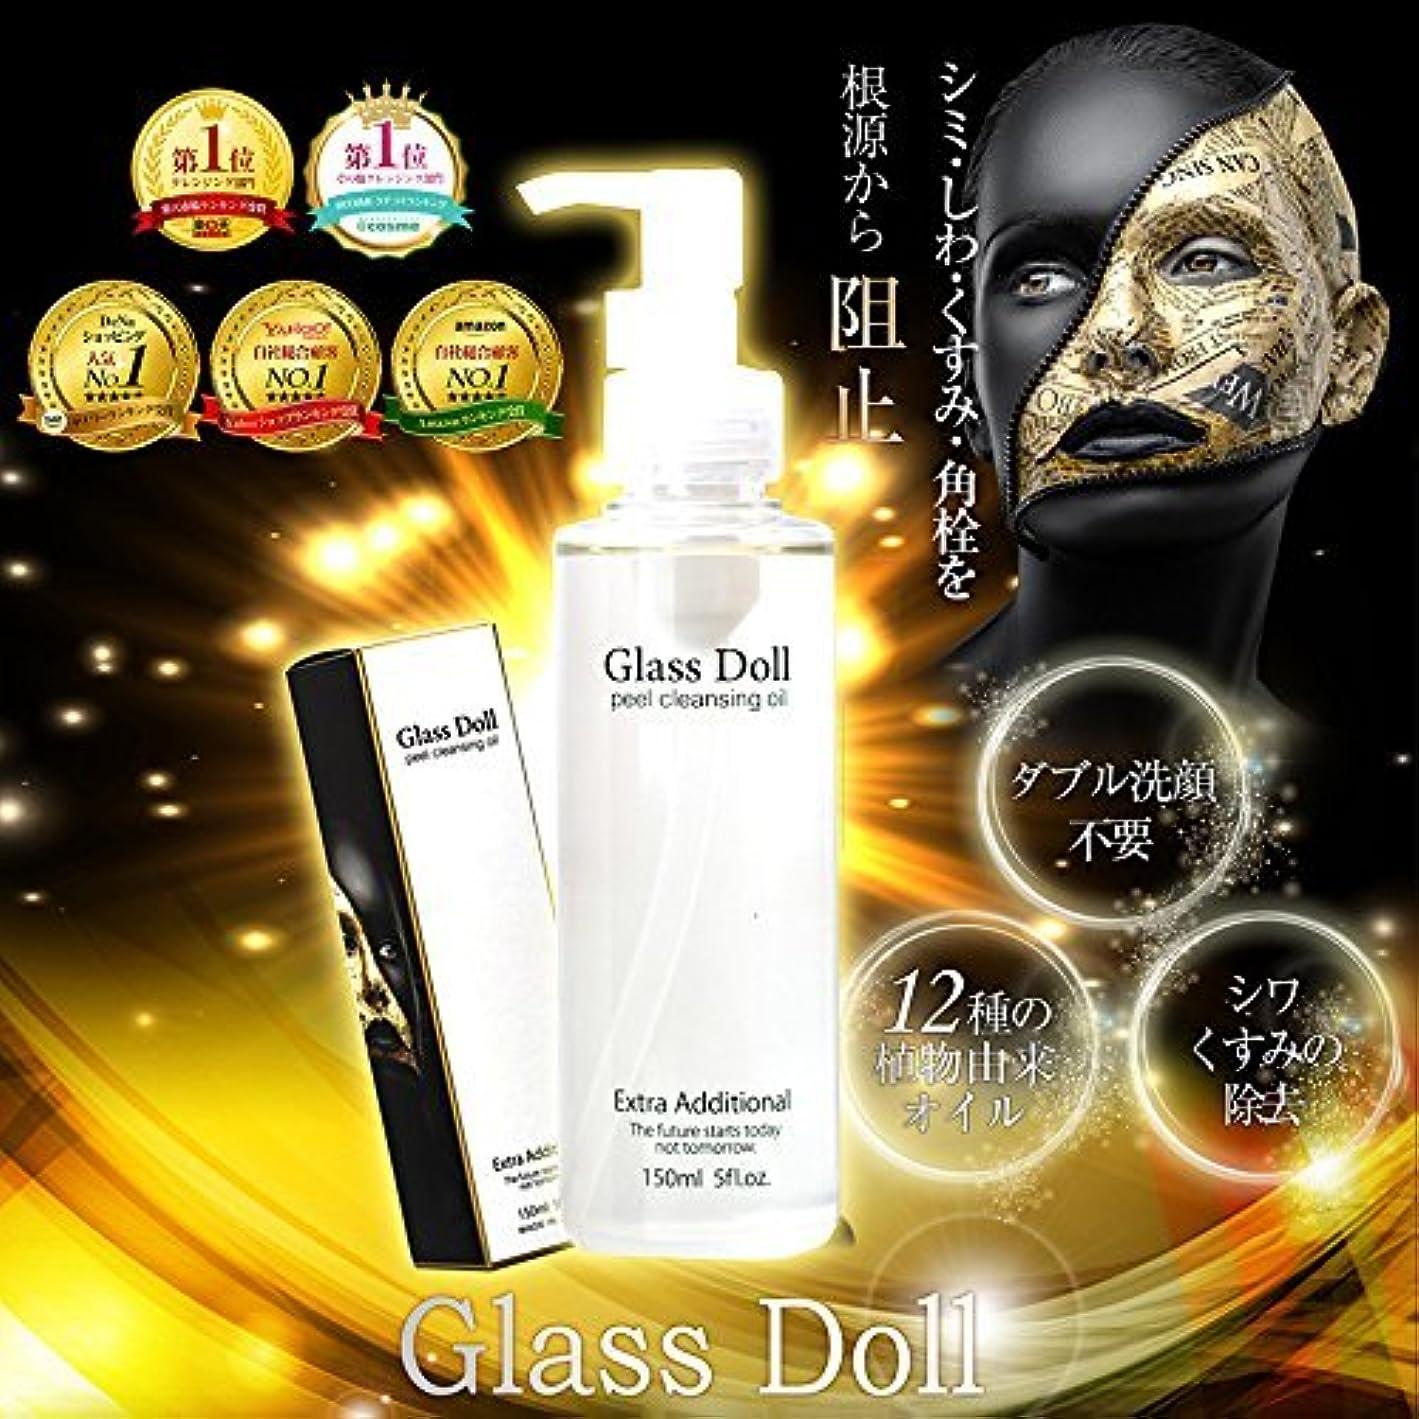 ヨーロッパ競争甘いGlass Doll Peel cleansing oil グラスドール 2個セット ピール クレンジング オイル